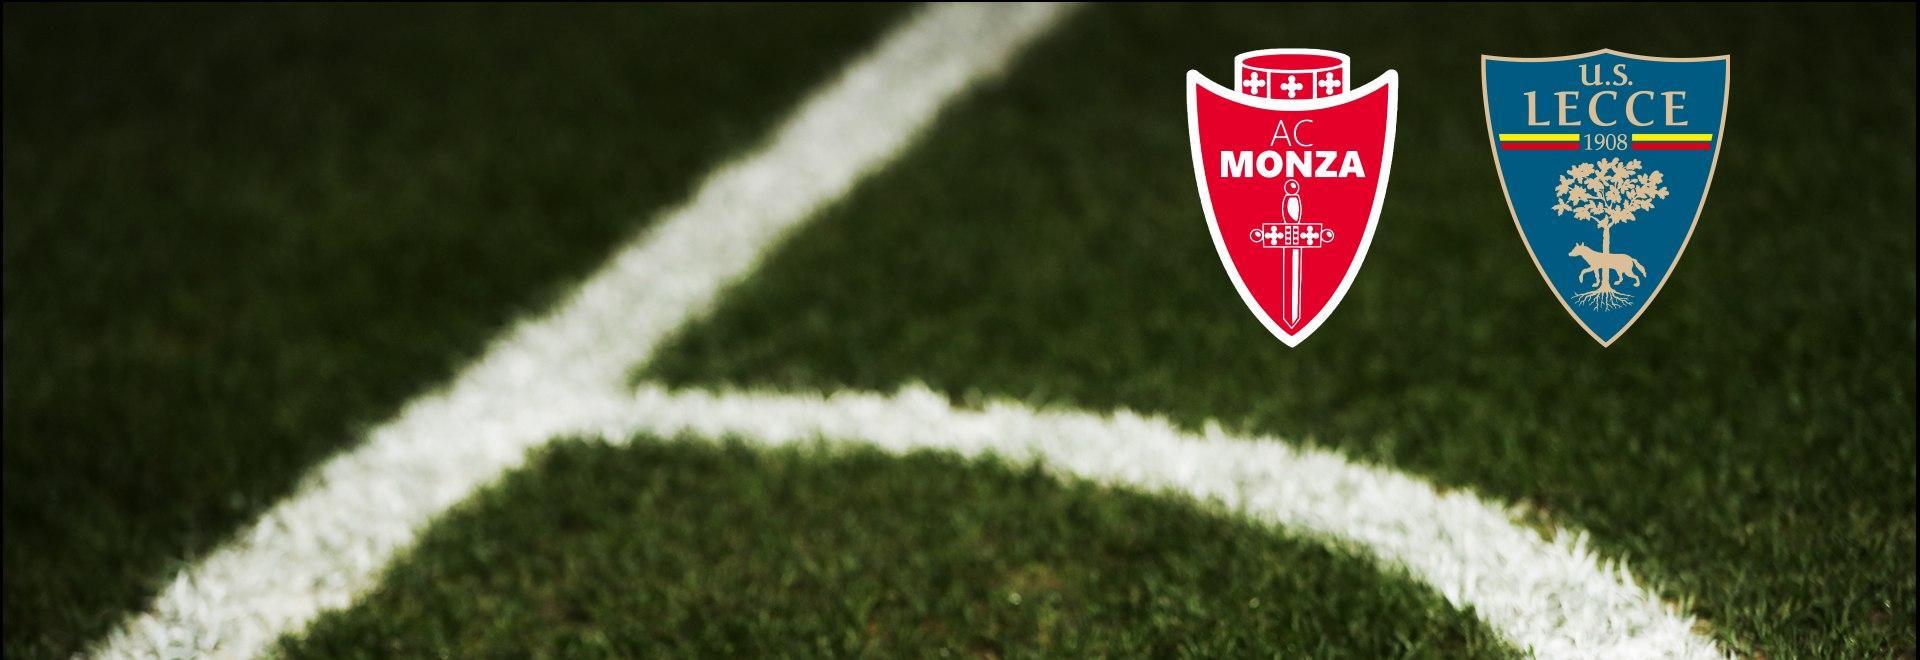 Monza - Lecce. 36a g.